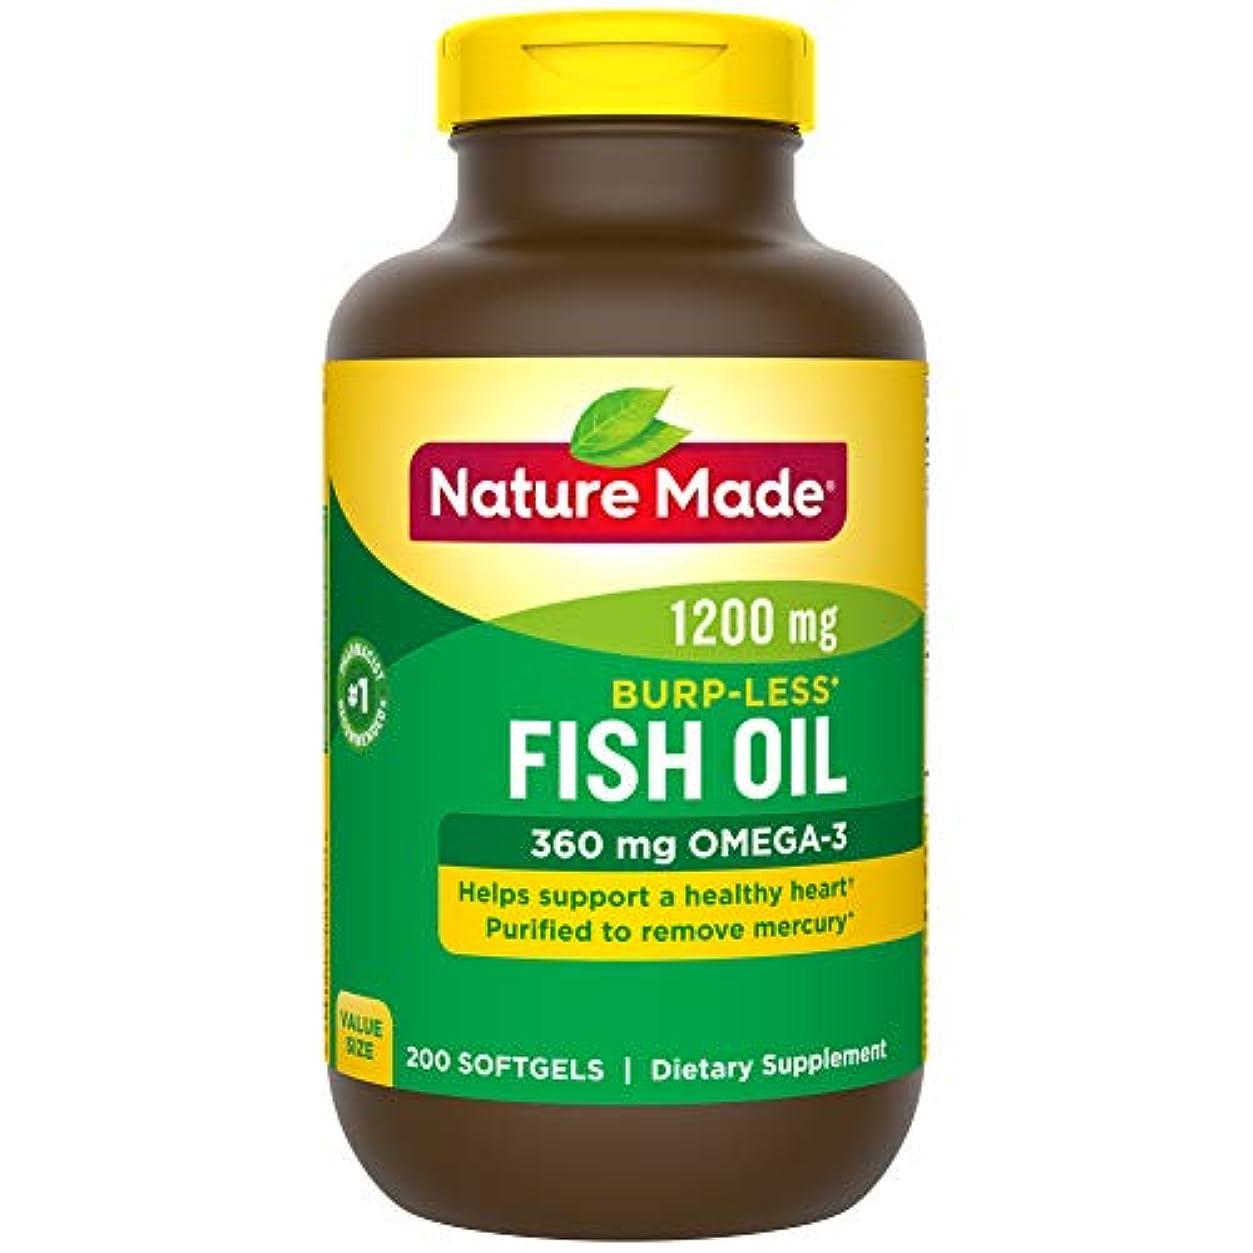 恐竜山バンドNature Made Fish Oil 1200 Mg Burp-less, Value Size, 200-Count 海外直送品